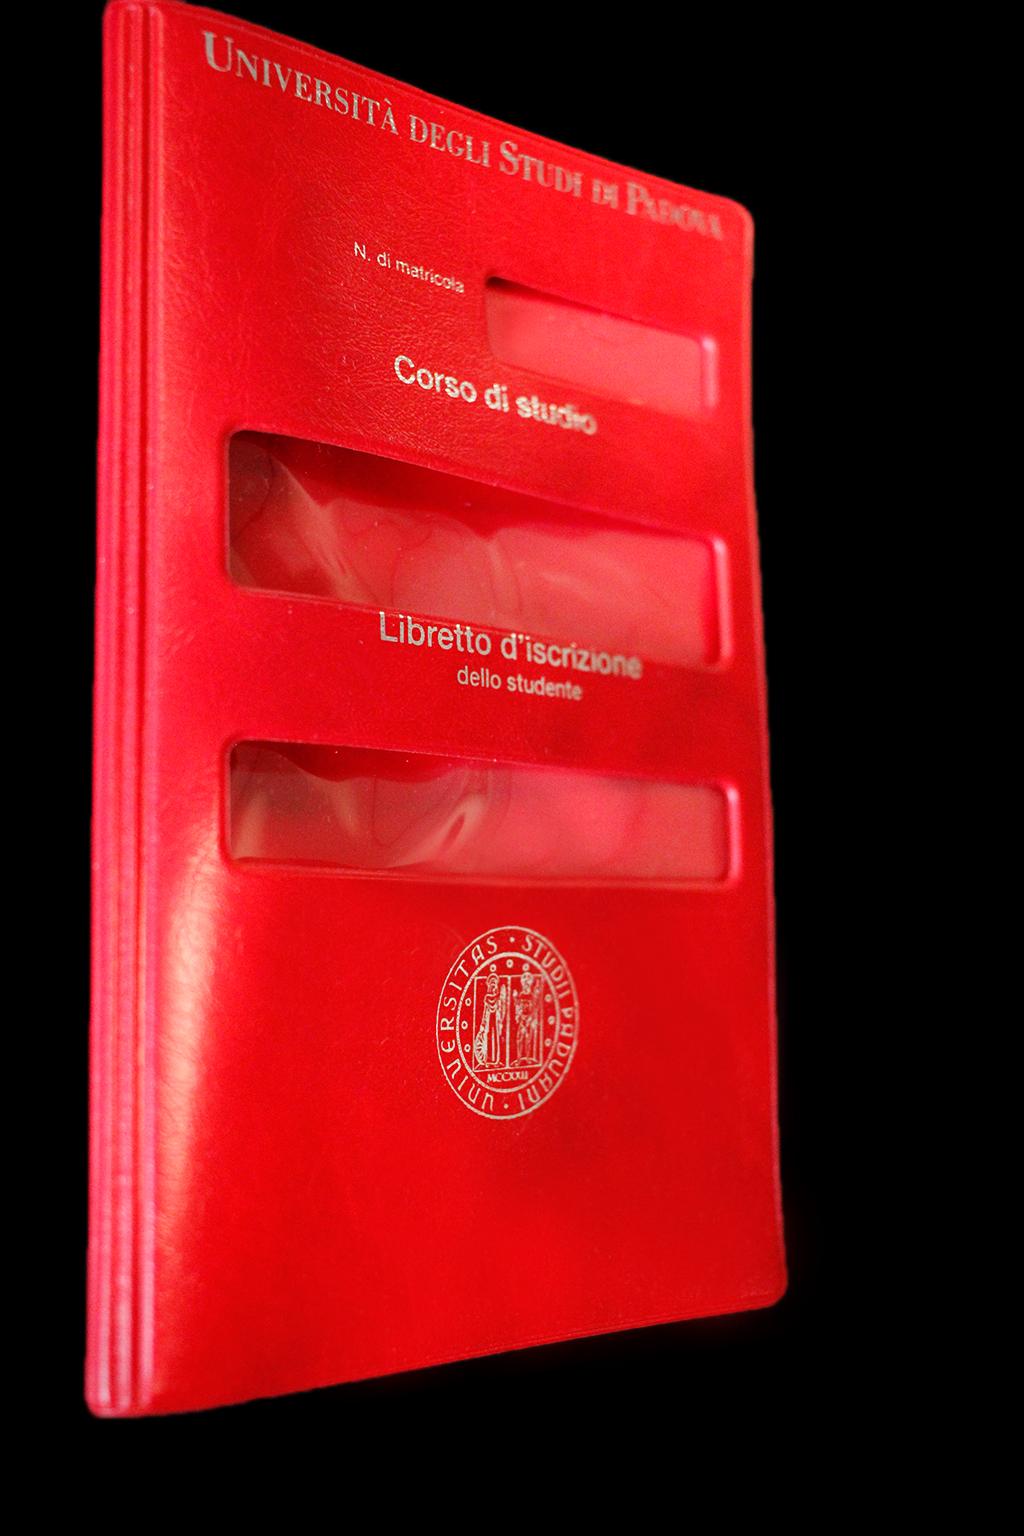 Custodie copertine libretto universitario e scolastico - Zeta s.r.l